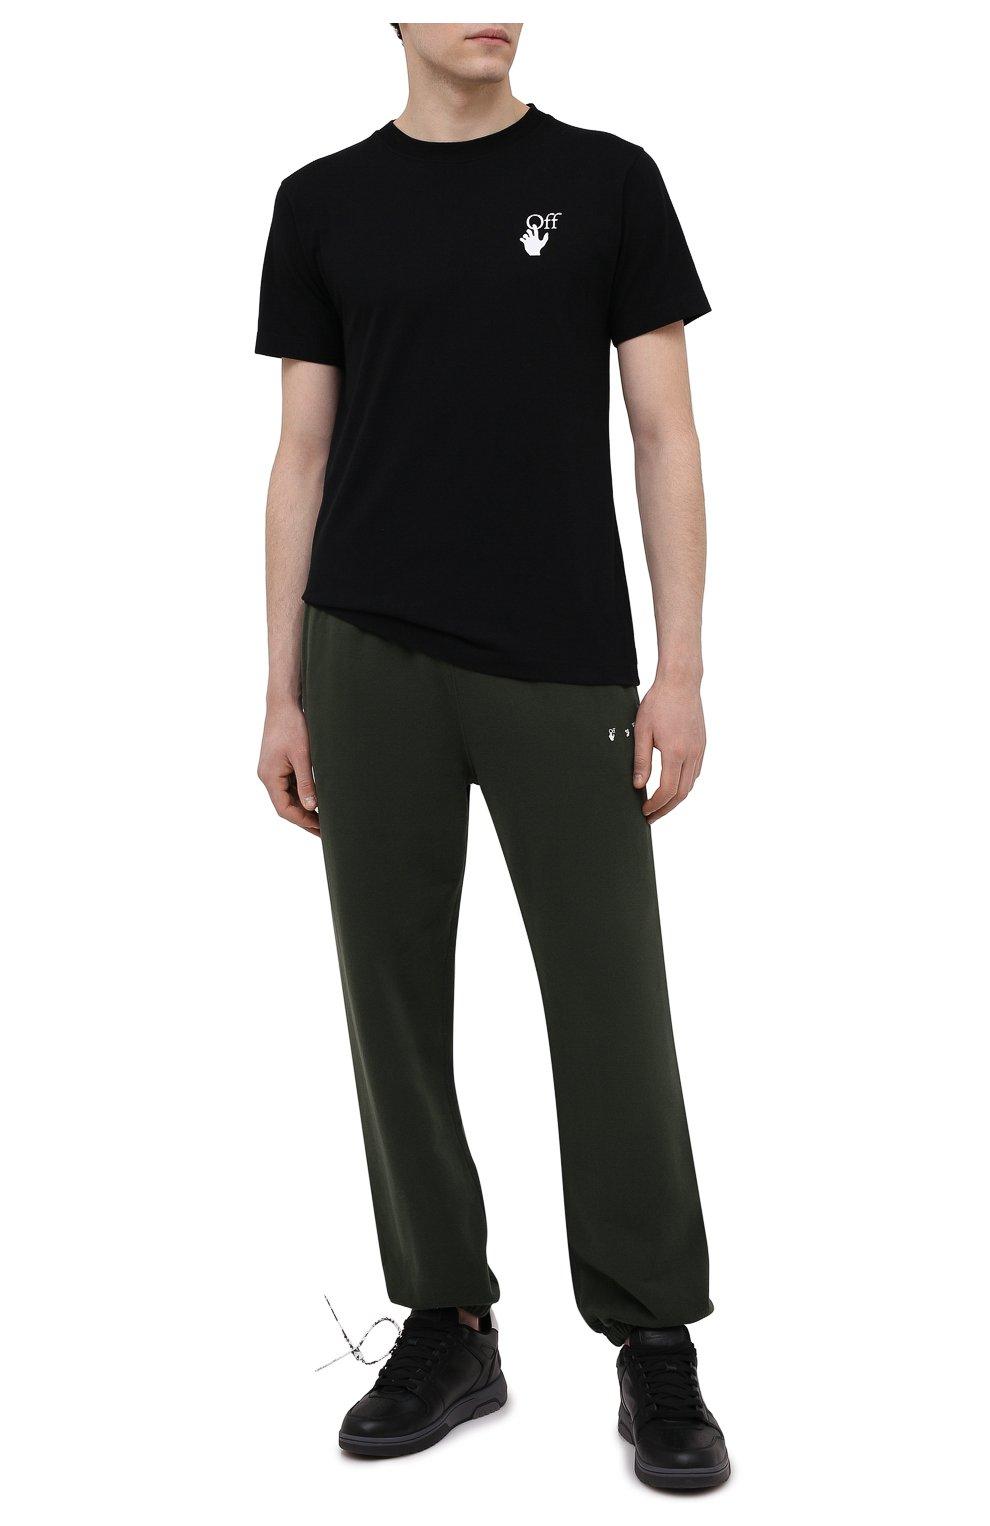 Мужские хлопковые джоггеры OFF-WHITE хаки цвета, арт. 0MCH029S21FLE004   Фото 2 (Мужское Кросс-КТ: Брюки-трикотаж; Длина (брюки, джинсы): Стандартные; Материал внешний: Хлопок; Стили: Спорт-шик; Силуэт М (брюки): Джоггеры)